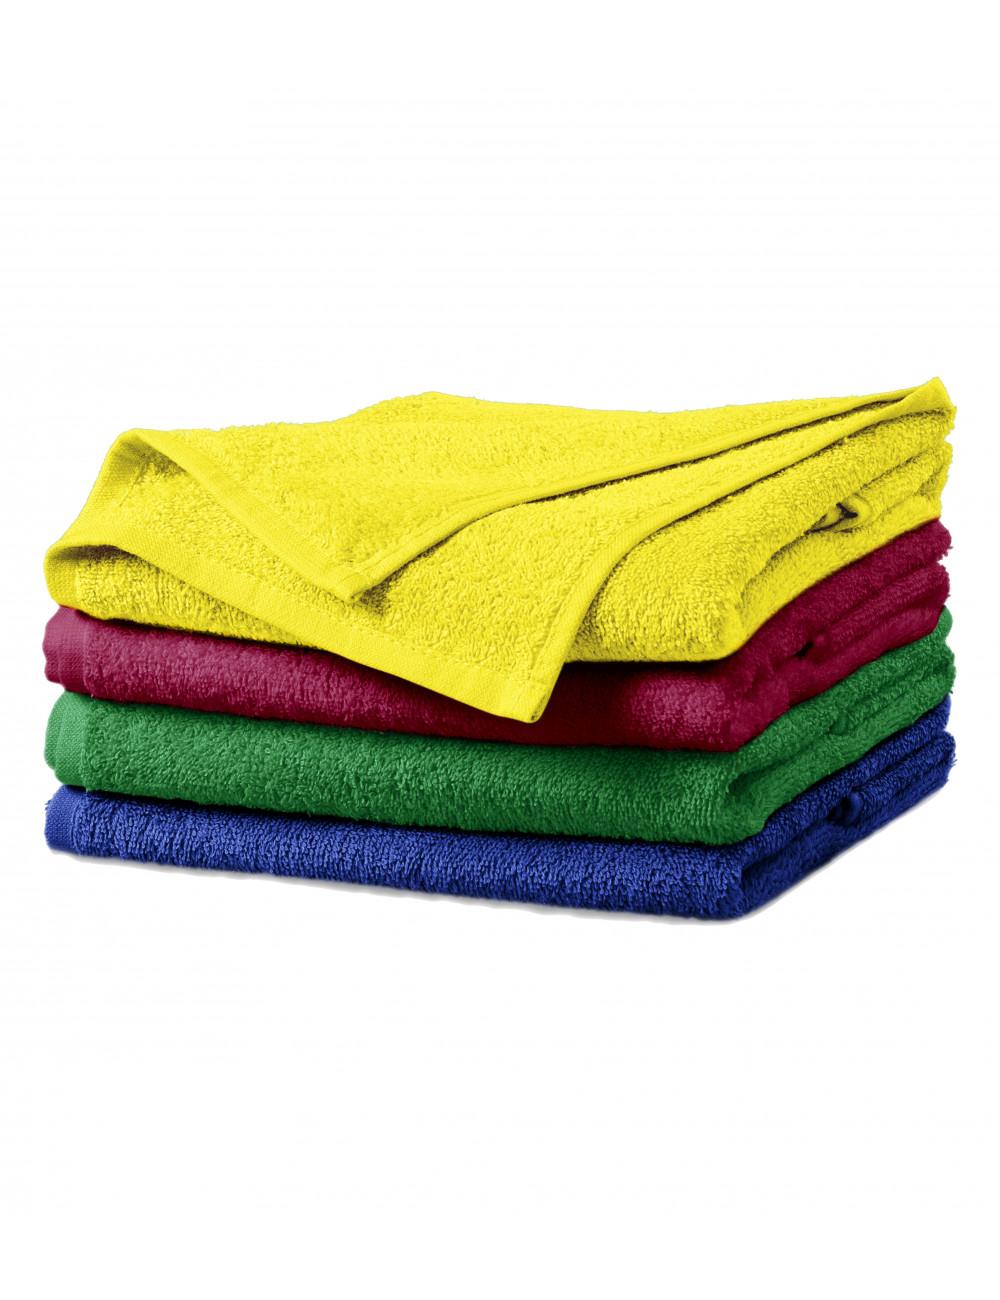 Adler MALFINI Ręcznik unisex Terry Towel 908 zieleń trawy